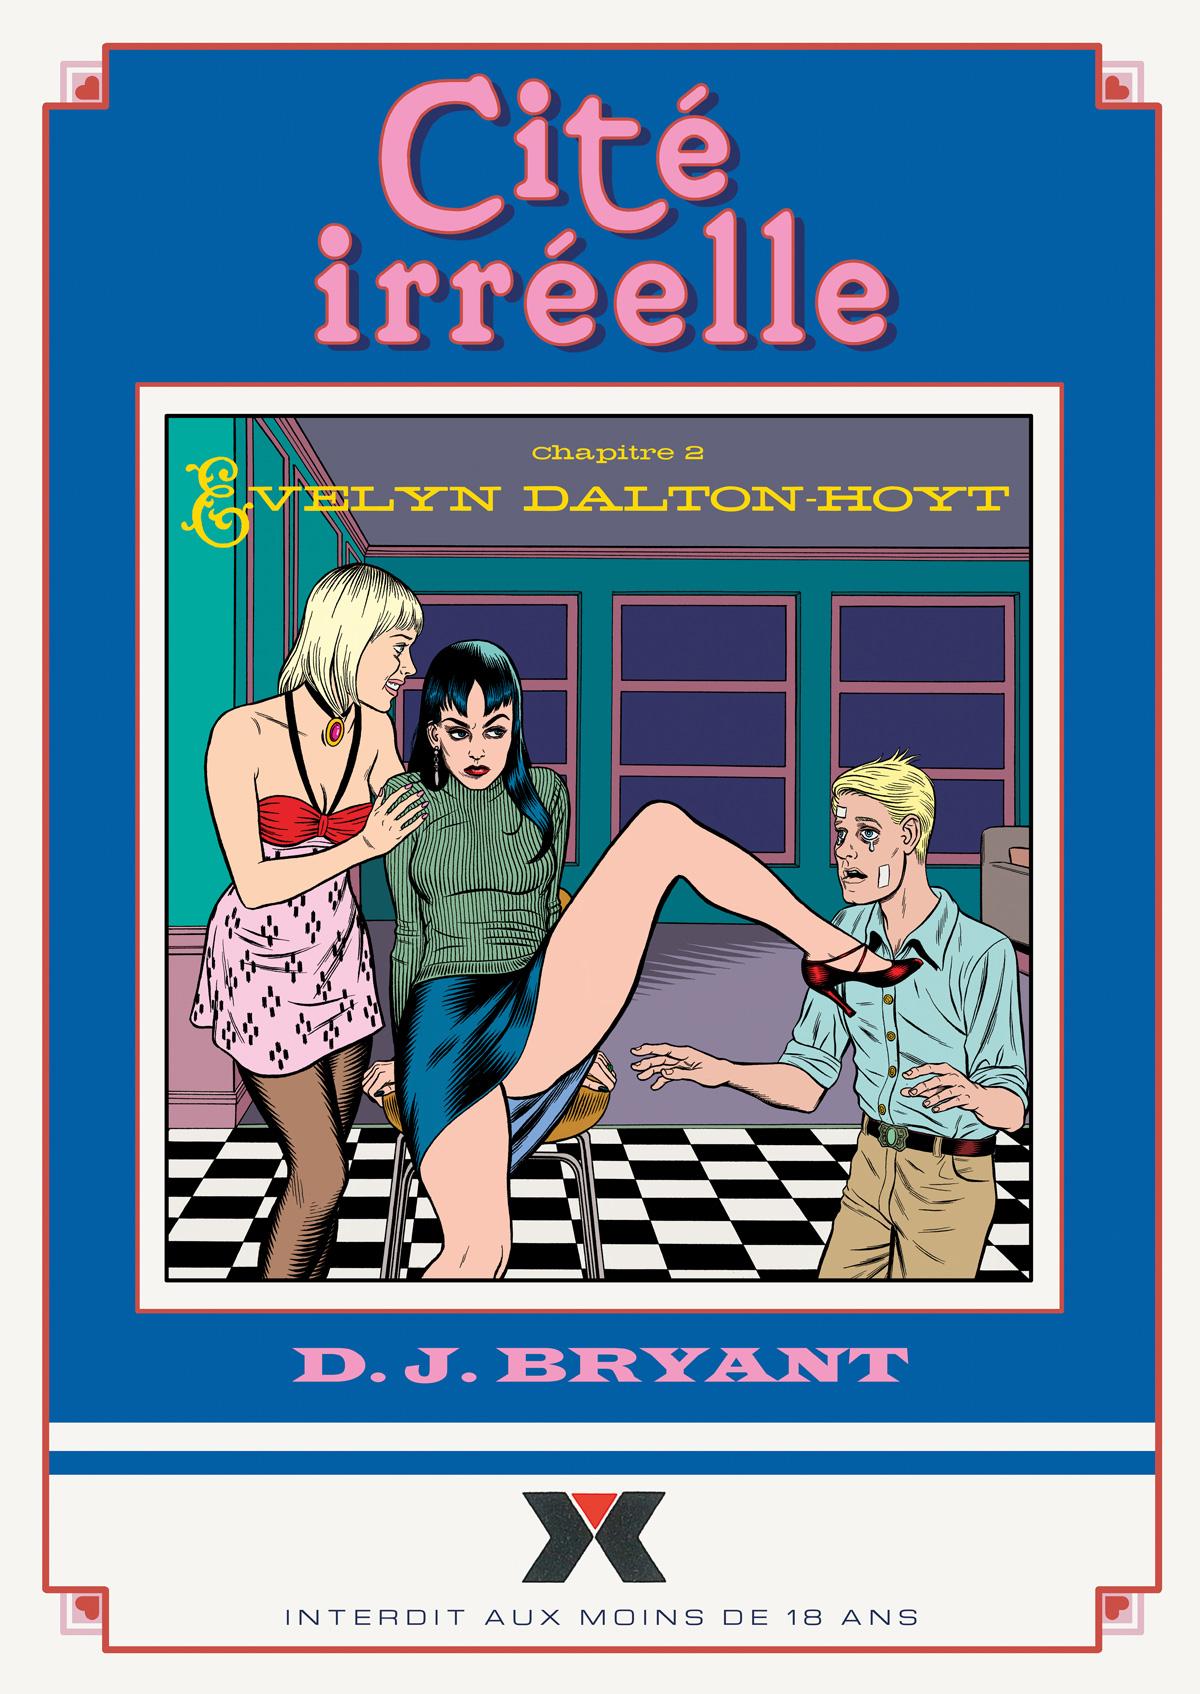 Evelyn Dalton-Hoyt, affiche de D. J. Bryant